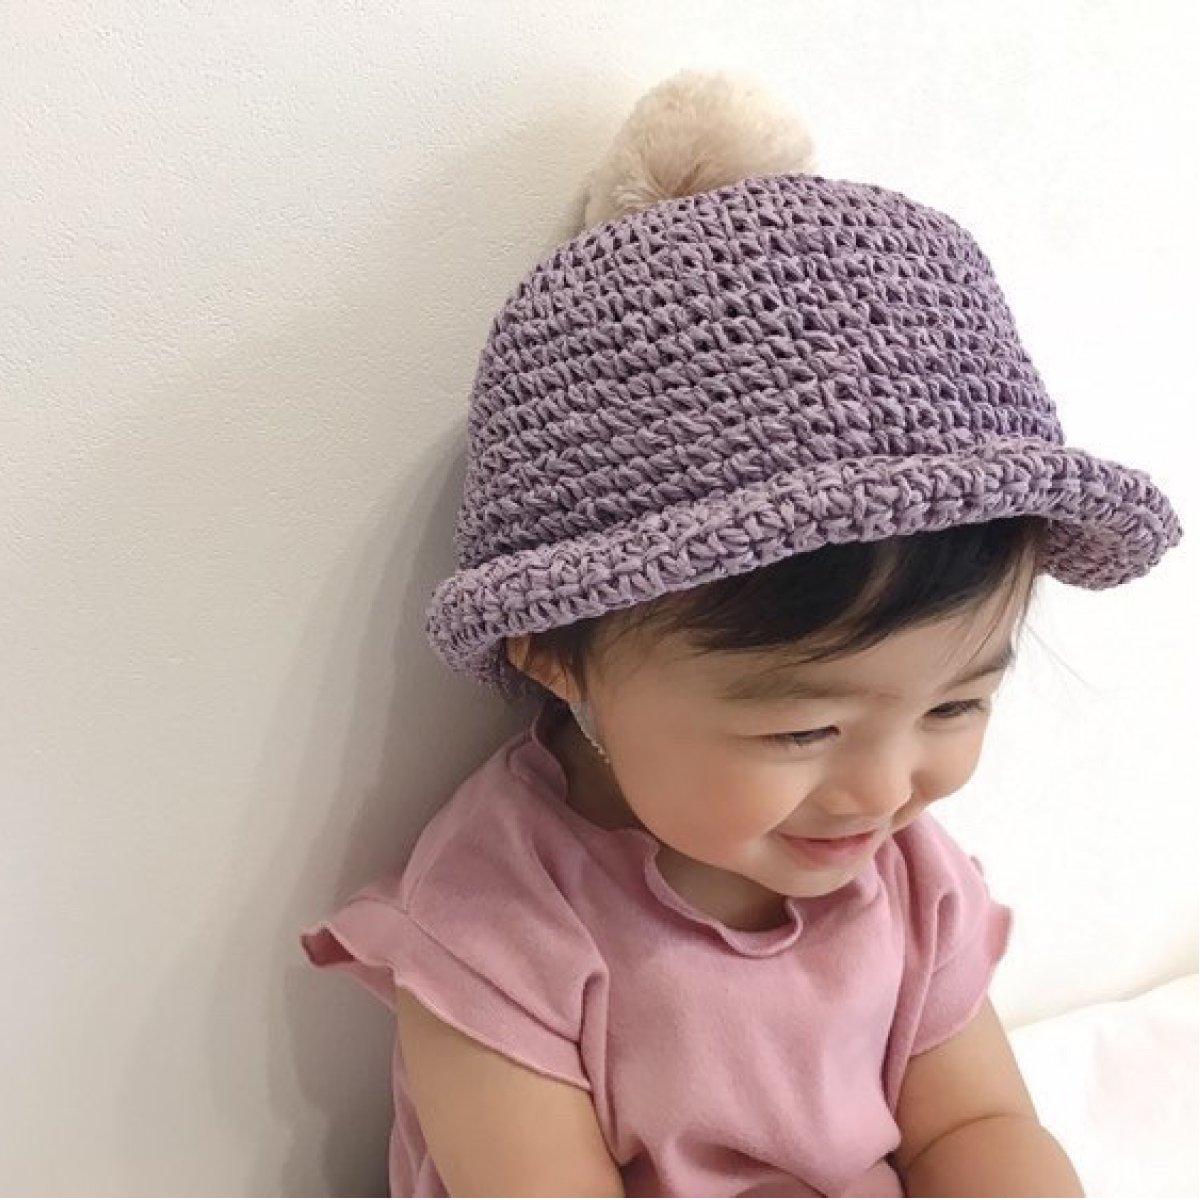 【BABY】Pon Coron Hat 詳細画像15